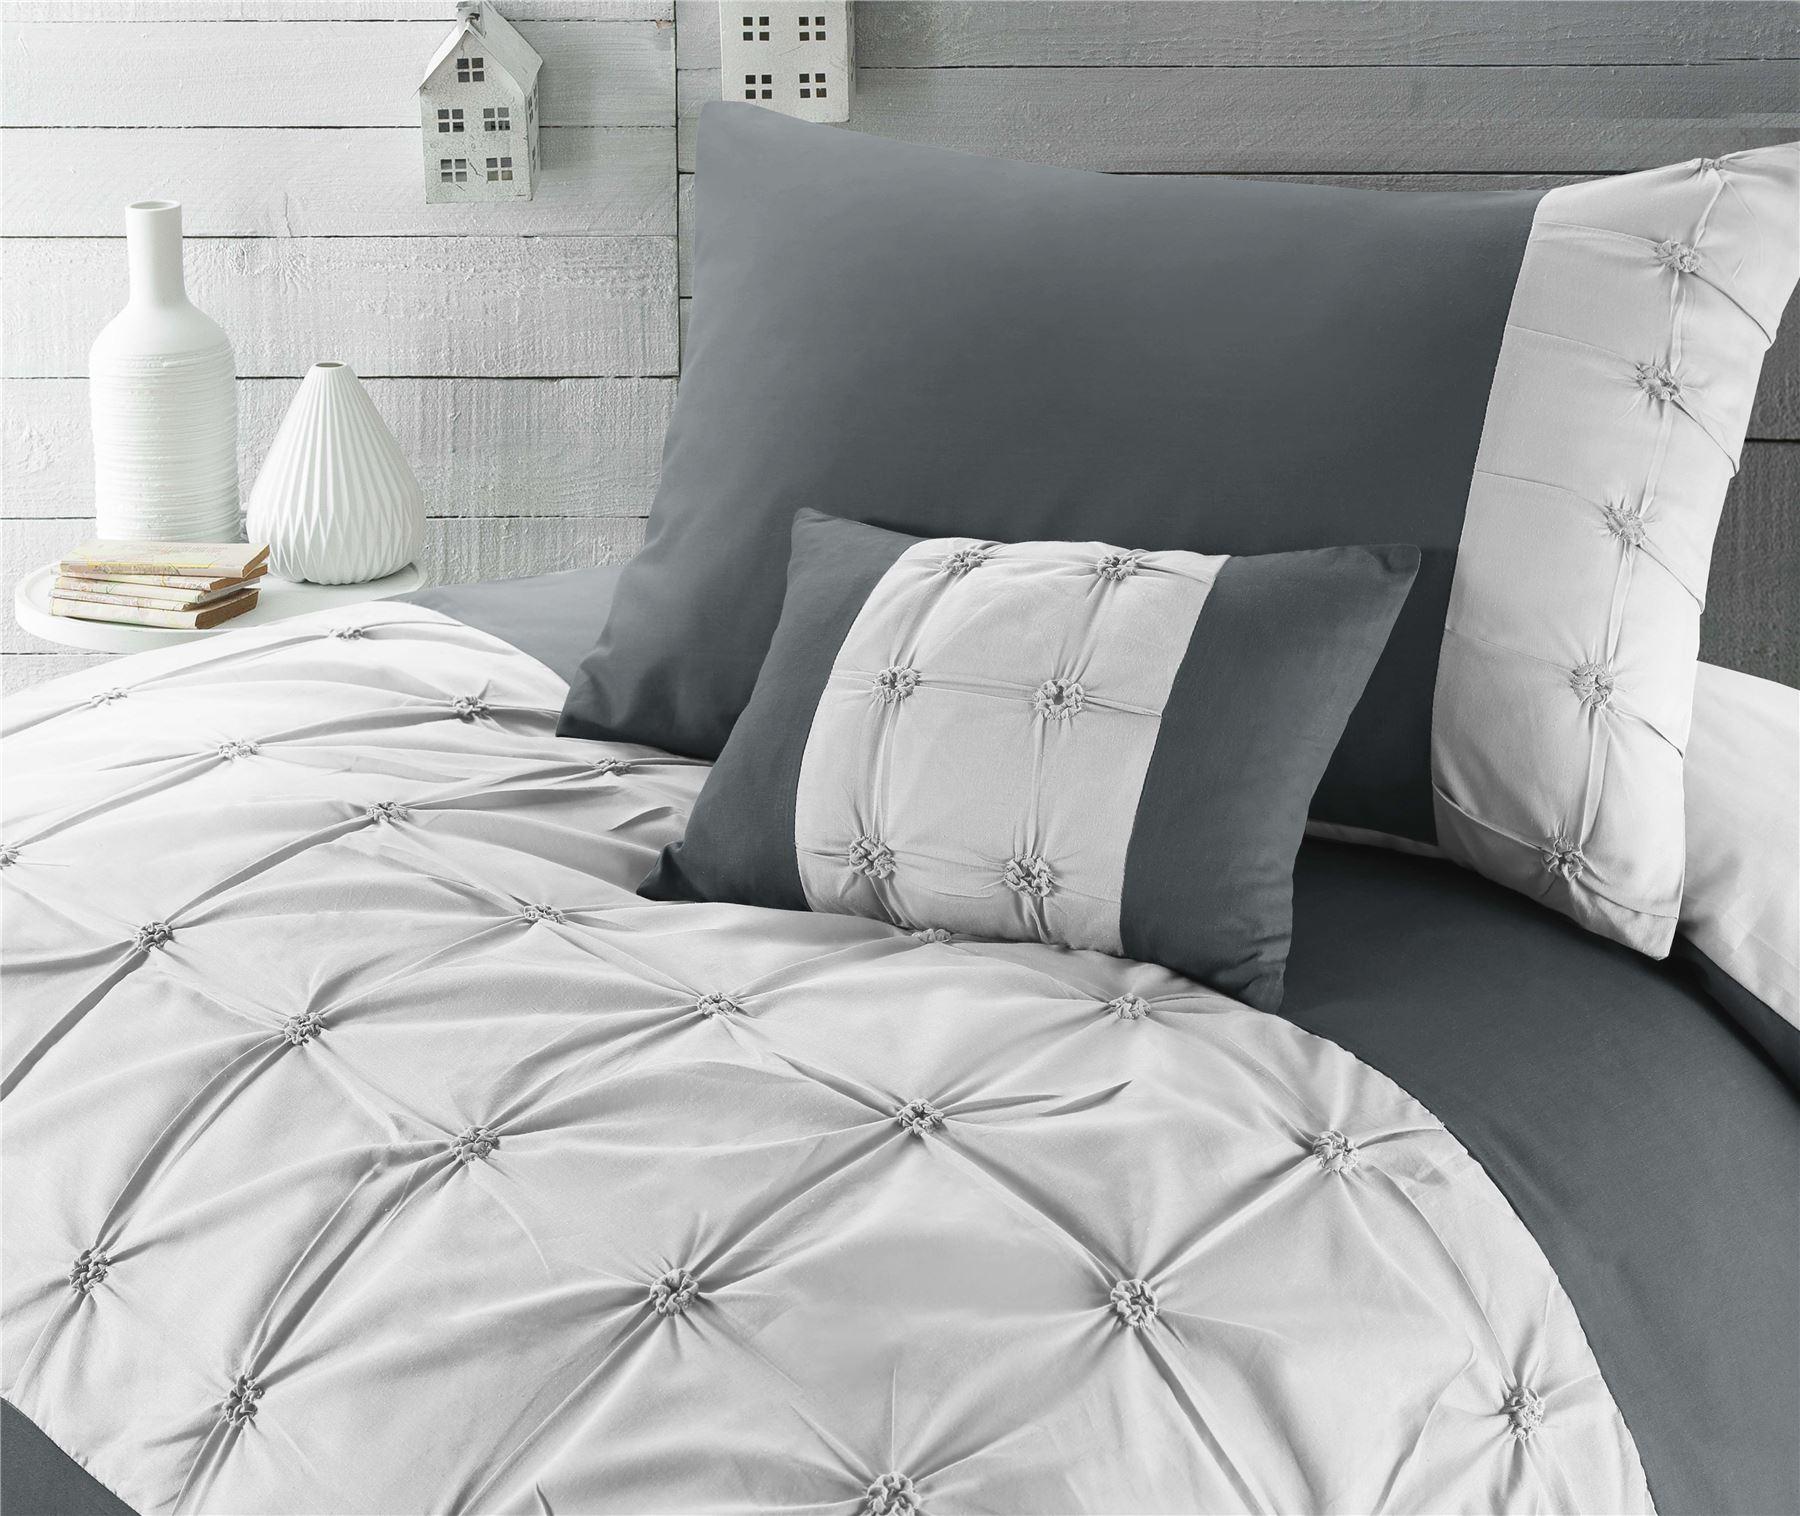 Jones Confection Embellished Cotton Blend Quilt Duvet Cover Set Slate /& Dove